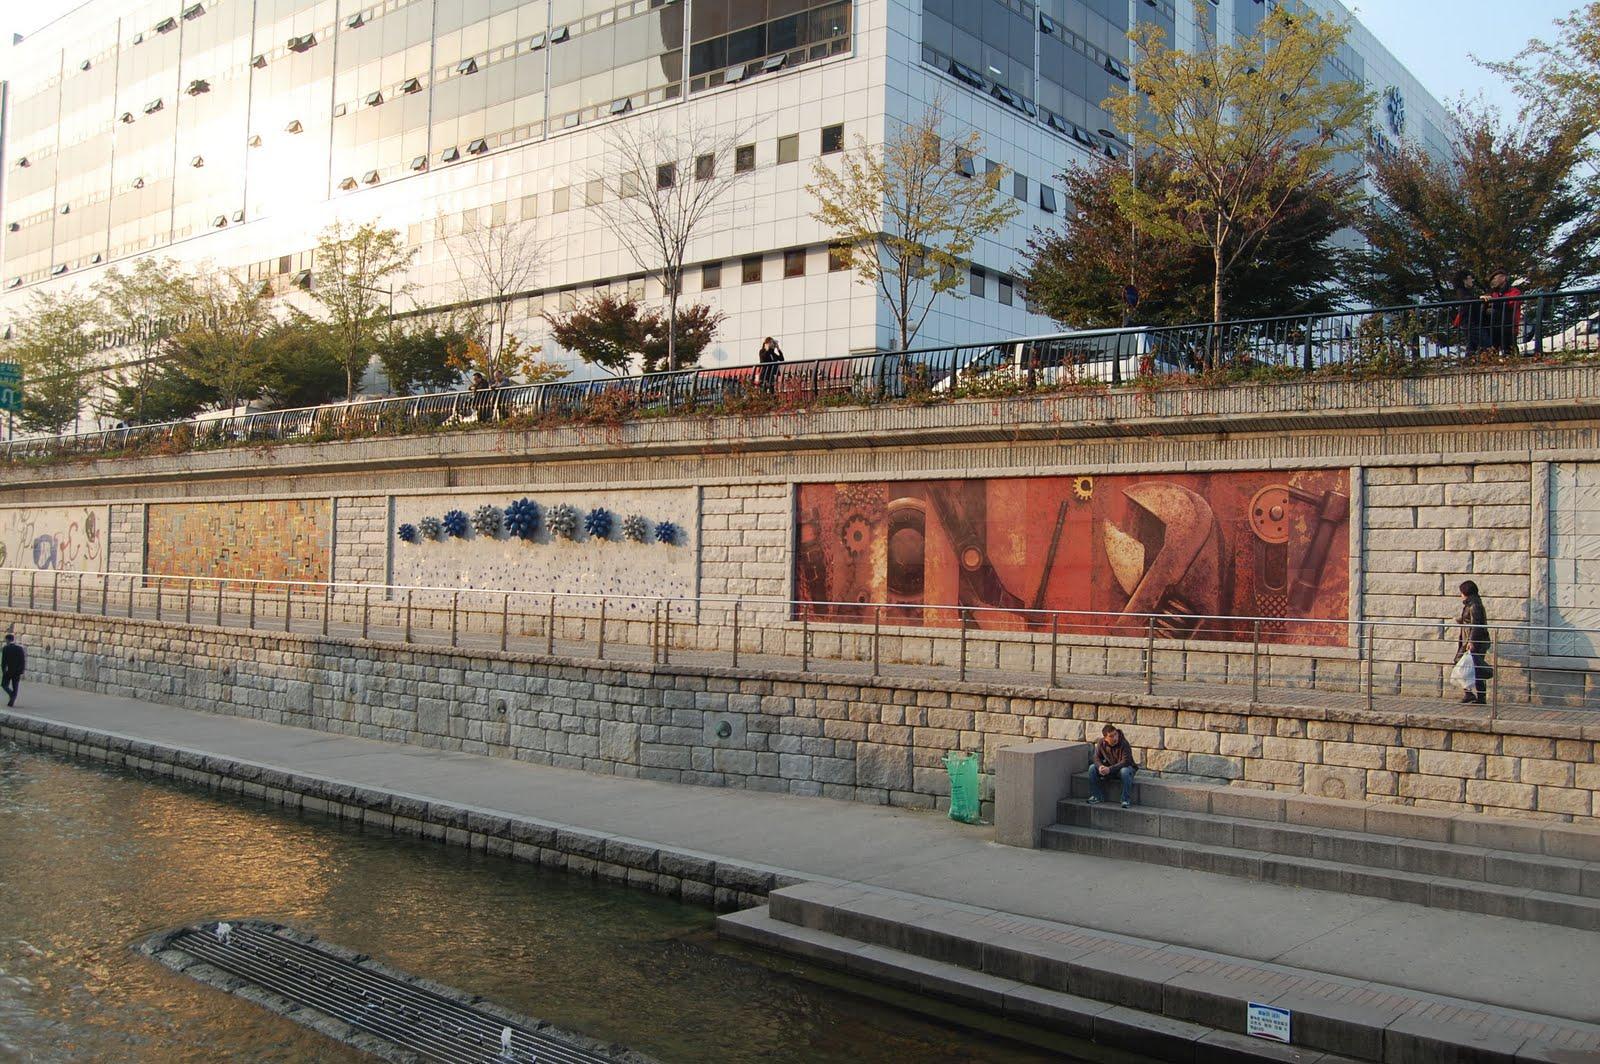 south korea travel guide pdf